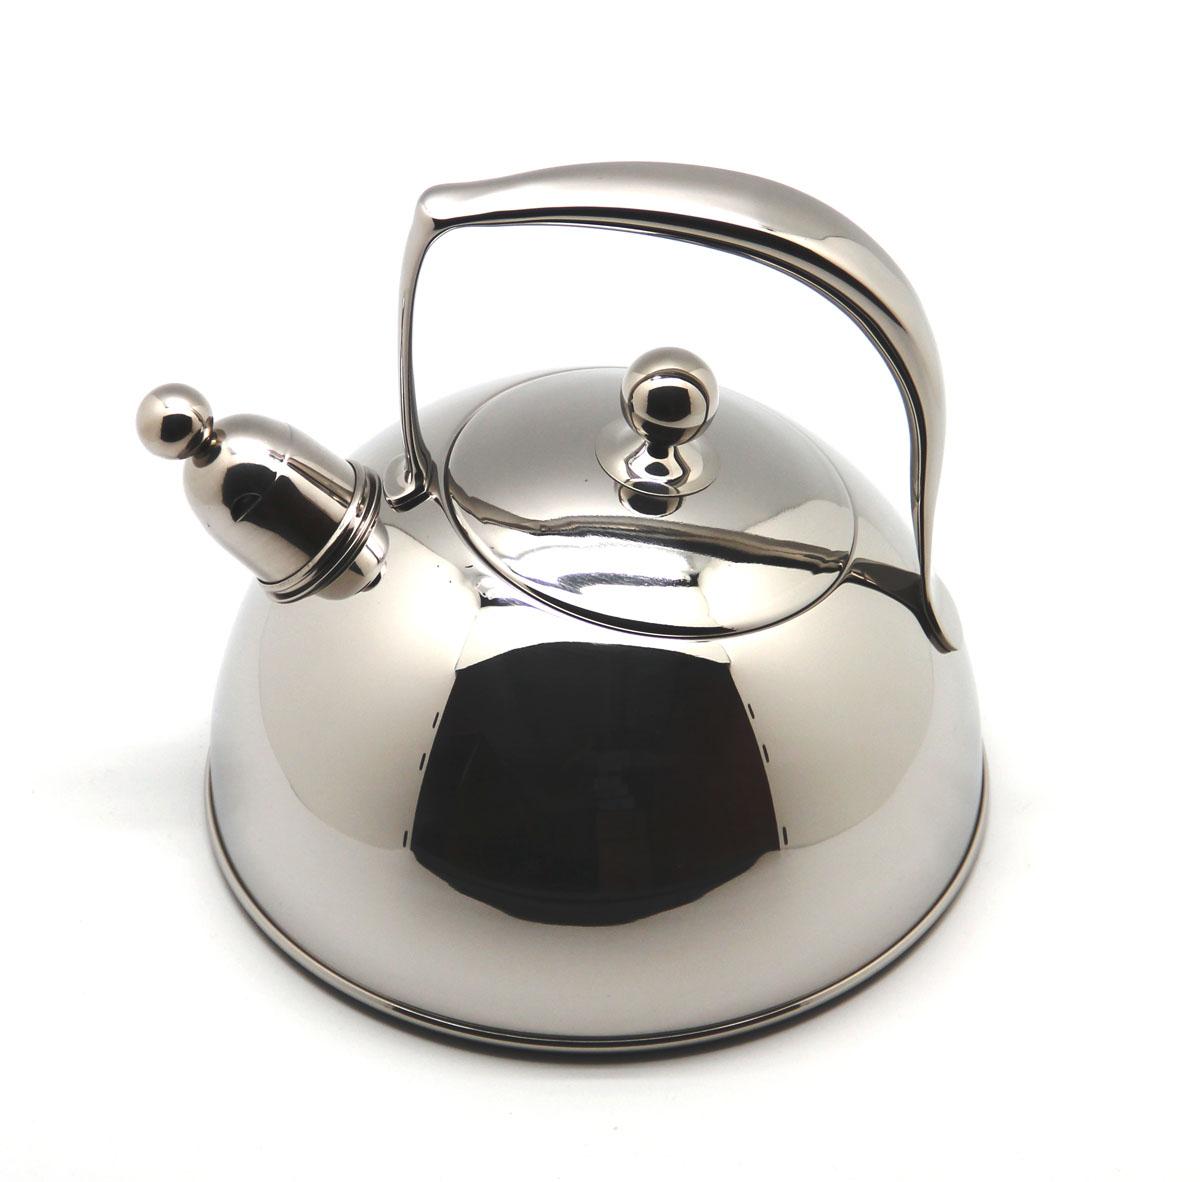 Чайник Silampos Жасмин со свистком, 2 л68/5/4Чайник Silampos Жасмин изготовлен из высококачественной нержавеющей стали. Этот материал обладает высокой стойкостью к коррозии и кислотам. Прочность, долговечность и надежность этого материала, а также первоклассная обработка обеспечивают практически неограниченный запас прочности и неизменно привлекательный внешний вид. Чайник оснащен ручкой удобной формы. Благодаря широкому верхнему отверстию, в чайник удобно заливать воду и прочищать его изнутри. Носик чайника имеет свисток, оповещающий о закипании воды. Можно использовать на газовых, электрических, галогенных, стеклокерамических, индукционных плитах. Не рекомендуется мыть в посудомоечной машине.